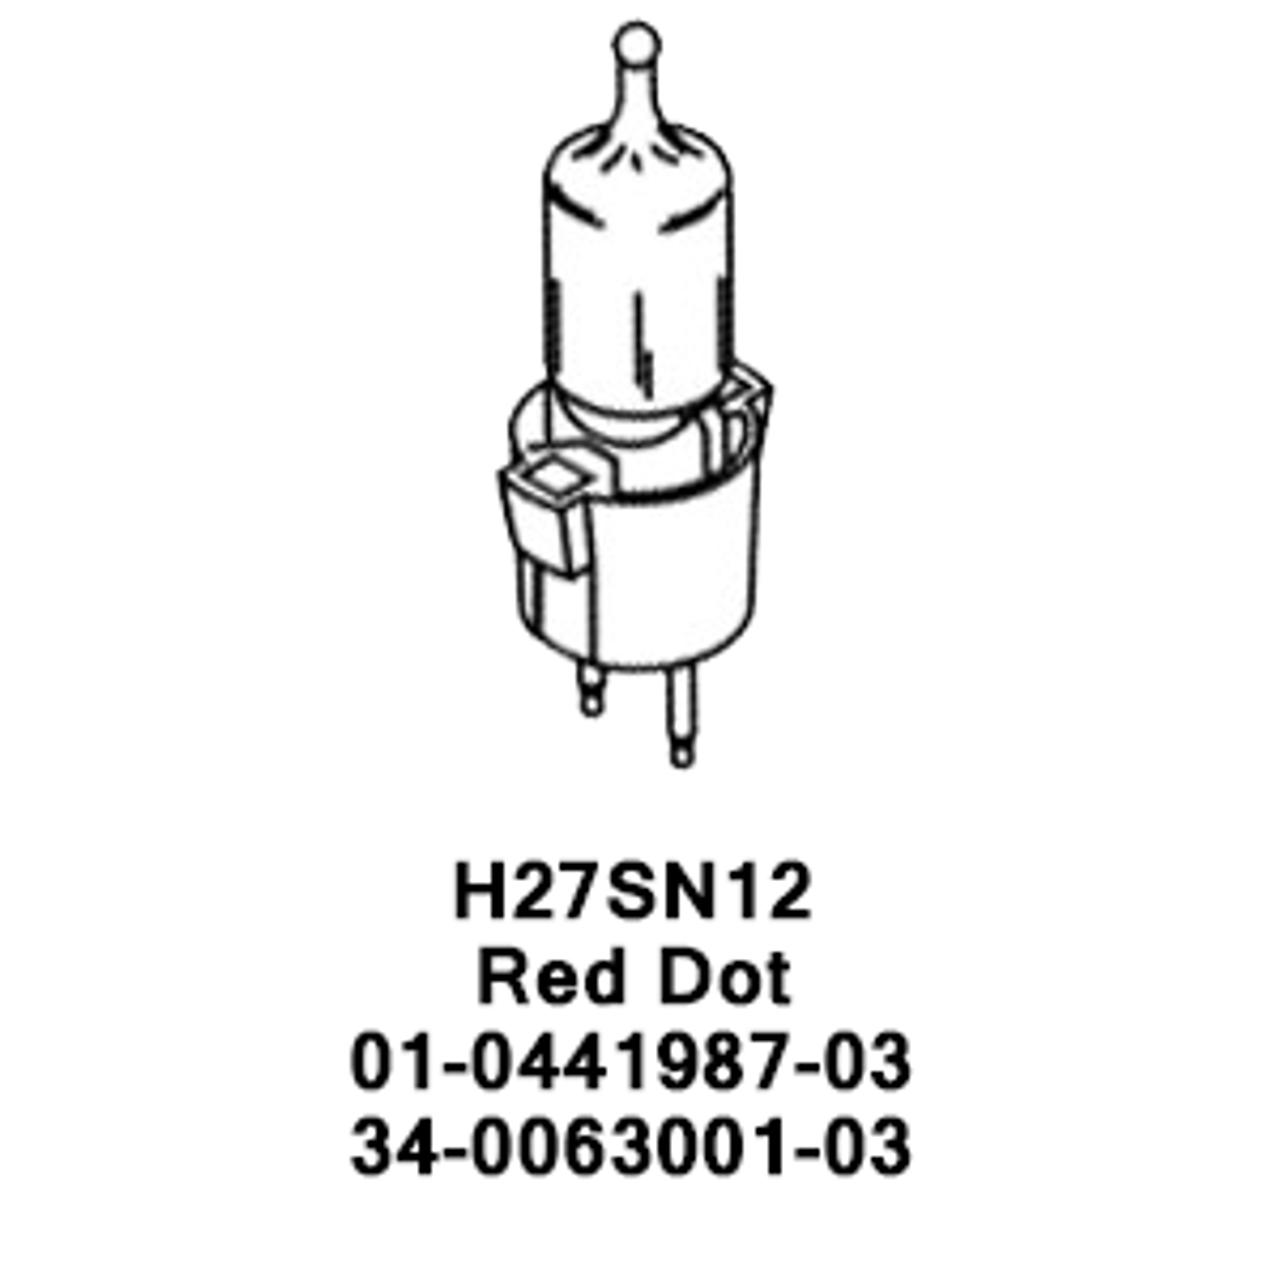 Whelen Replacement Halogen Bulb 27 Watt H27SN12